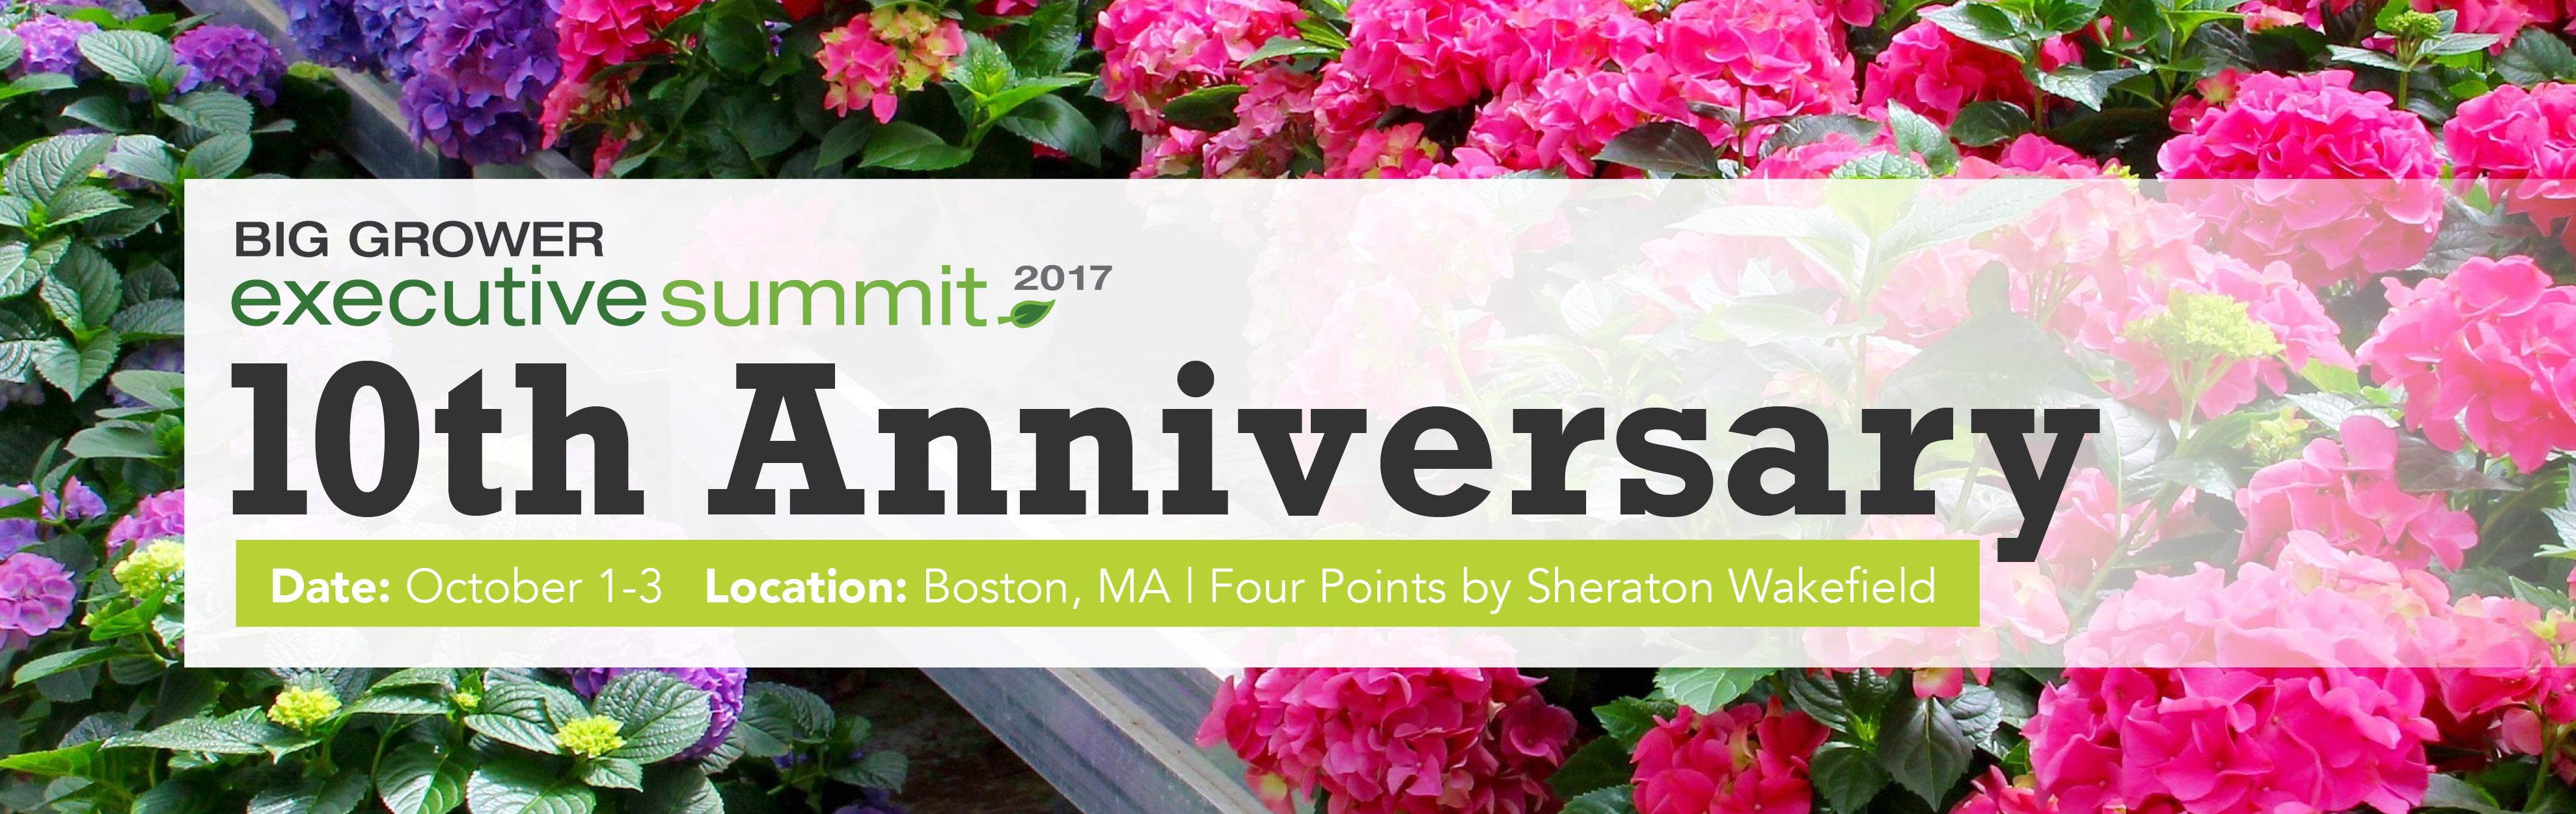 2017 Big Grower Executive Summit